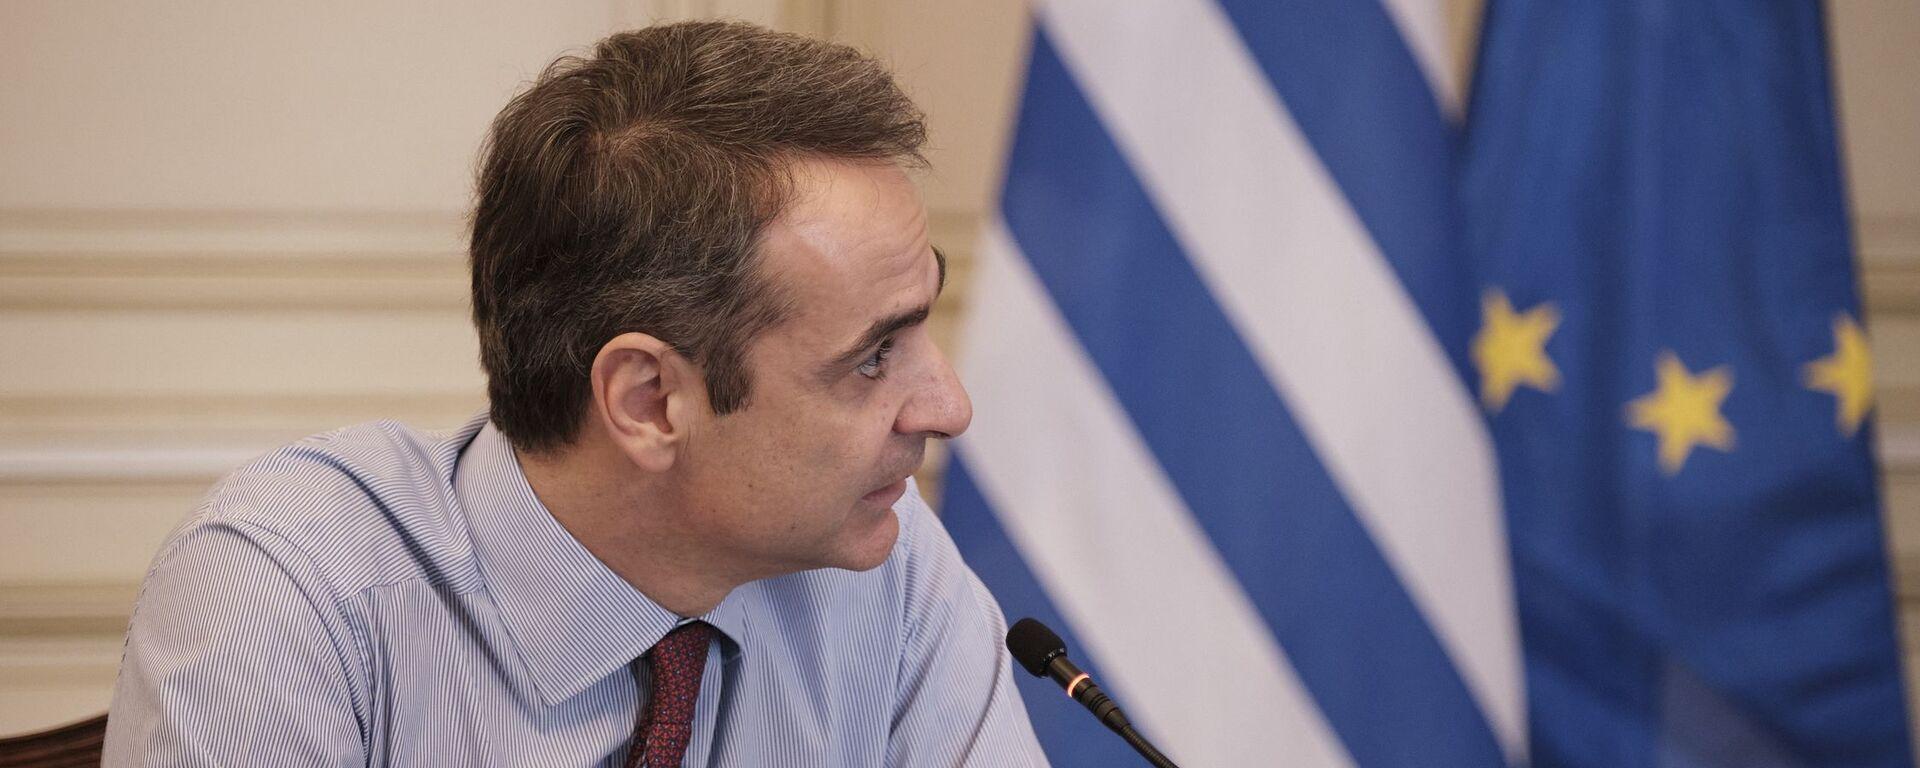 Ο πρωθυπουργός Κυριάκος Μητσοτάκης.  - Sputnik Ελλάδα, 1920, 26.07.2021